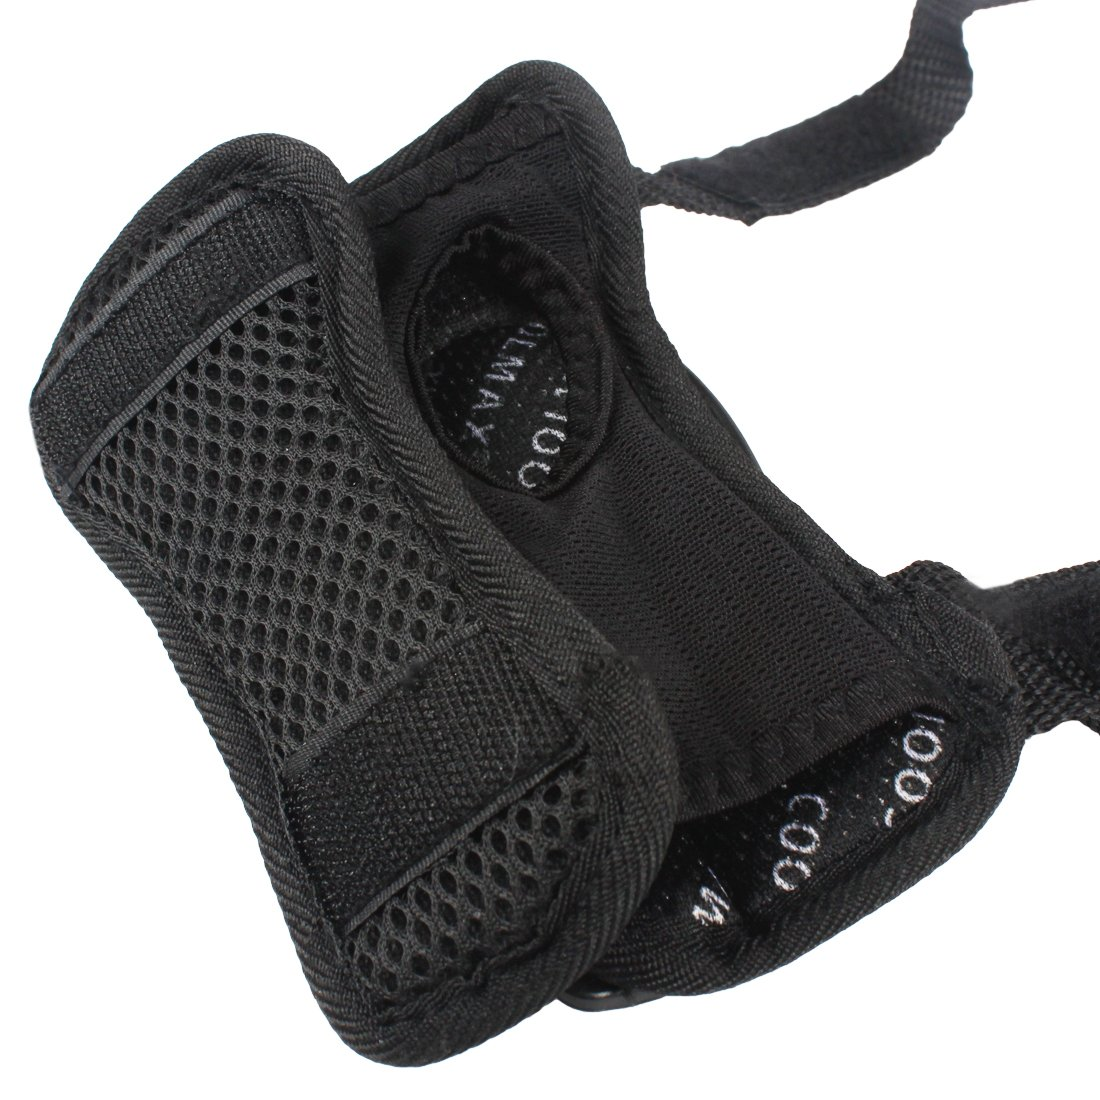 Andux Ski Gloves Extended Wrist Palms Protection Roller Skating Hard Gauntlets Adjustable Skateboard Gauntlets Support HXHW-03